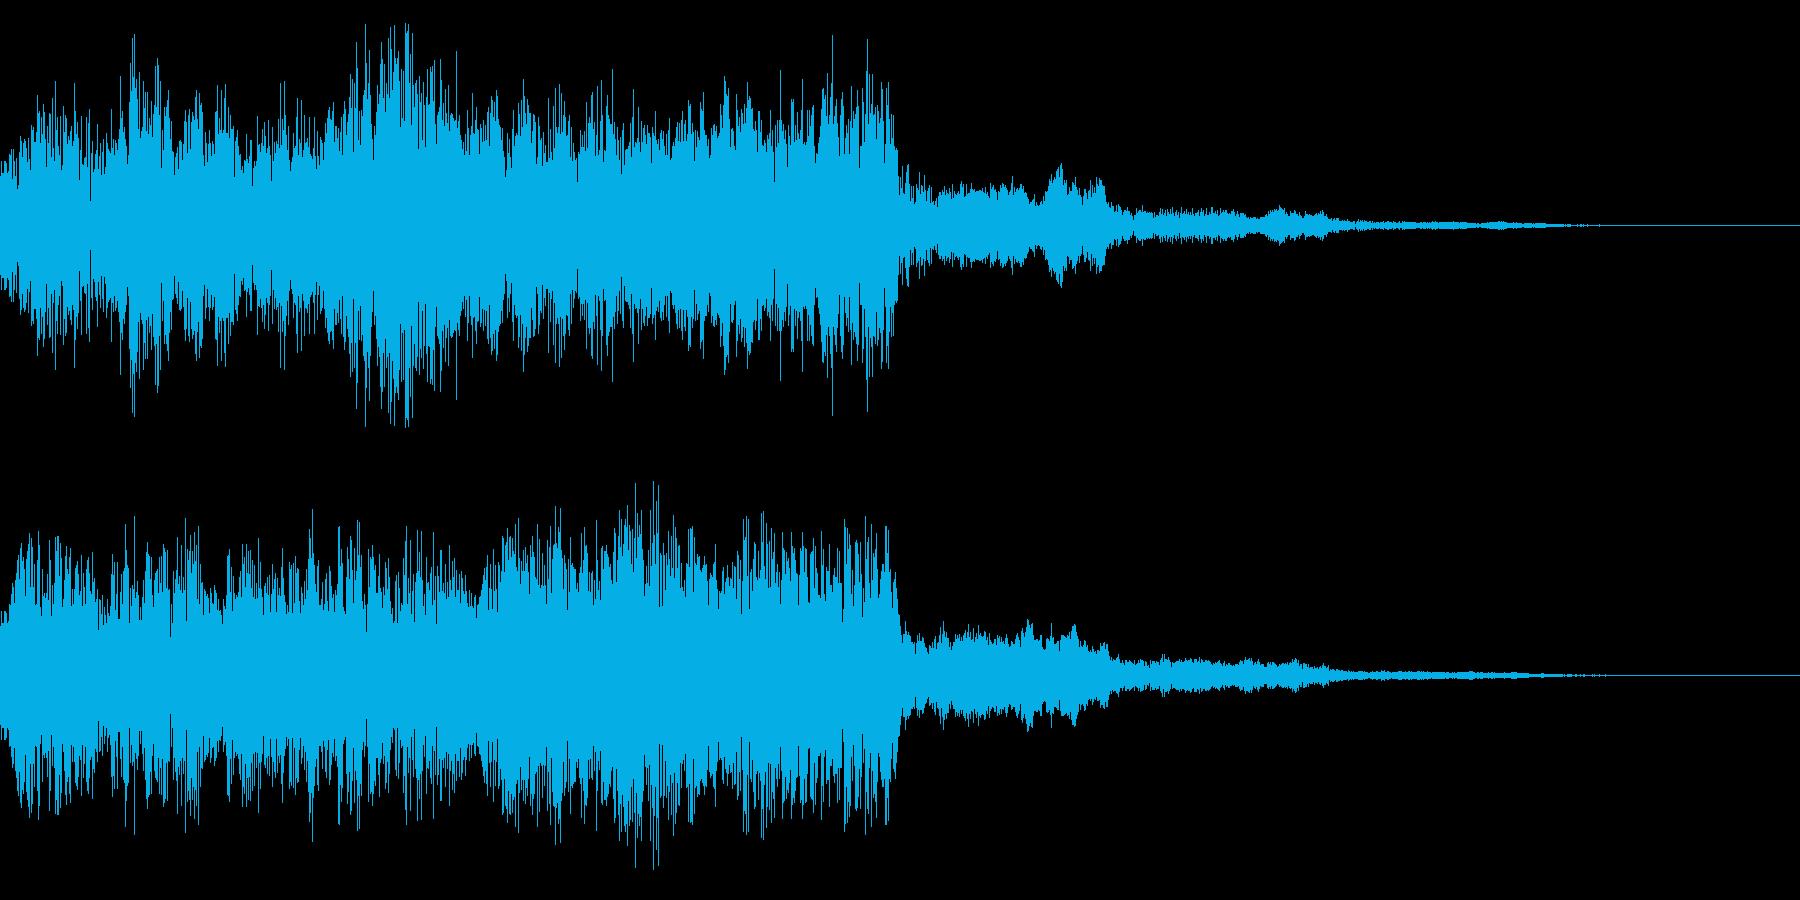 レトロなステージクリア音 ゲームクリア音の再生済みの波形